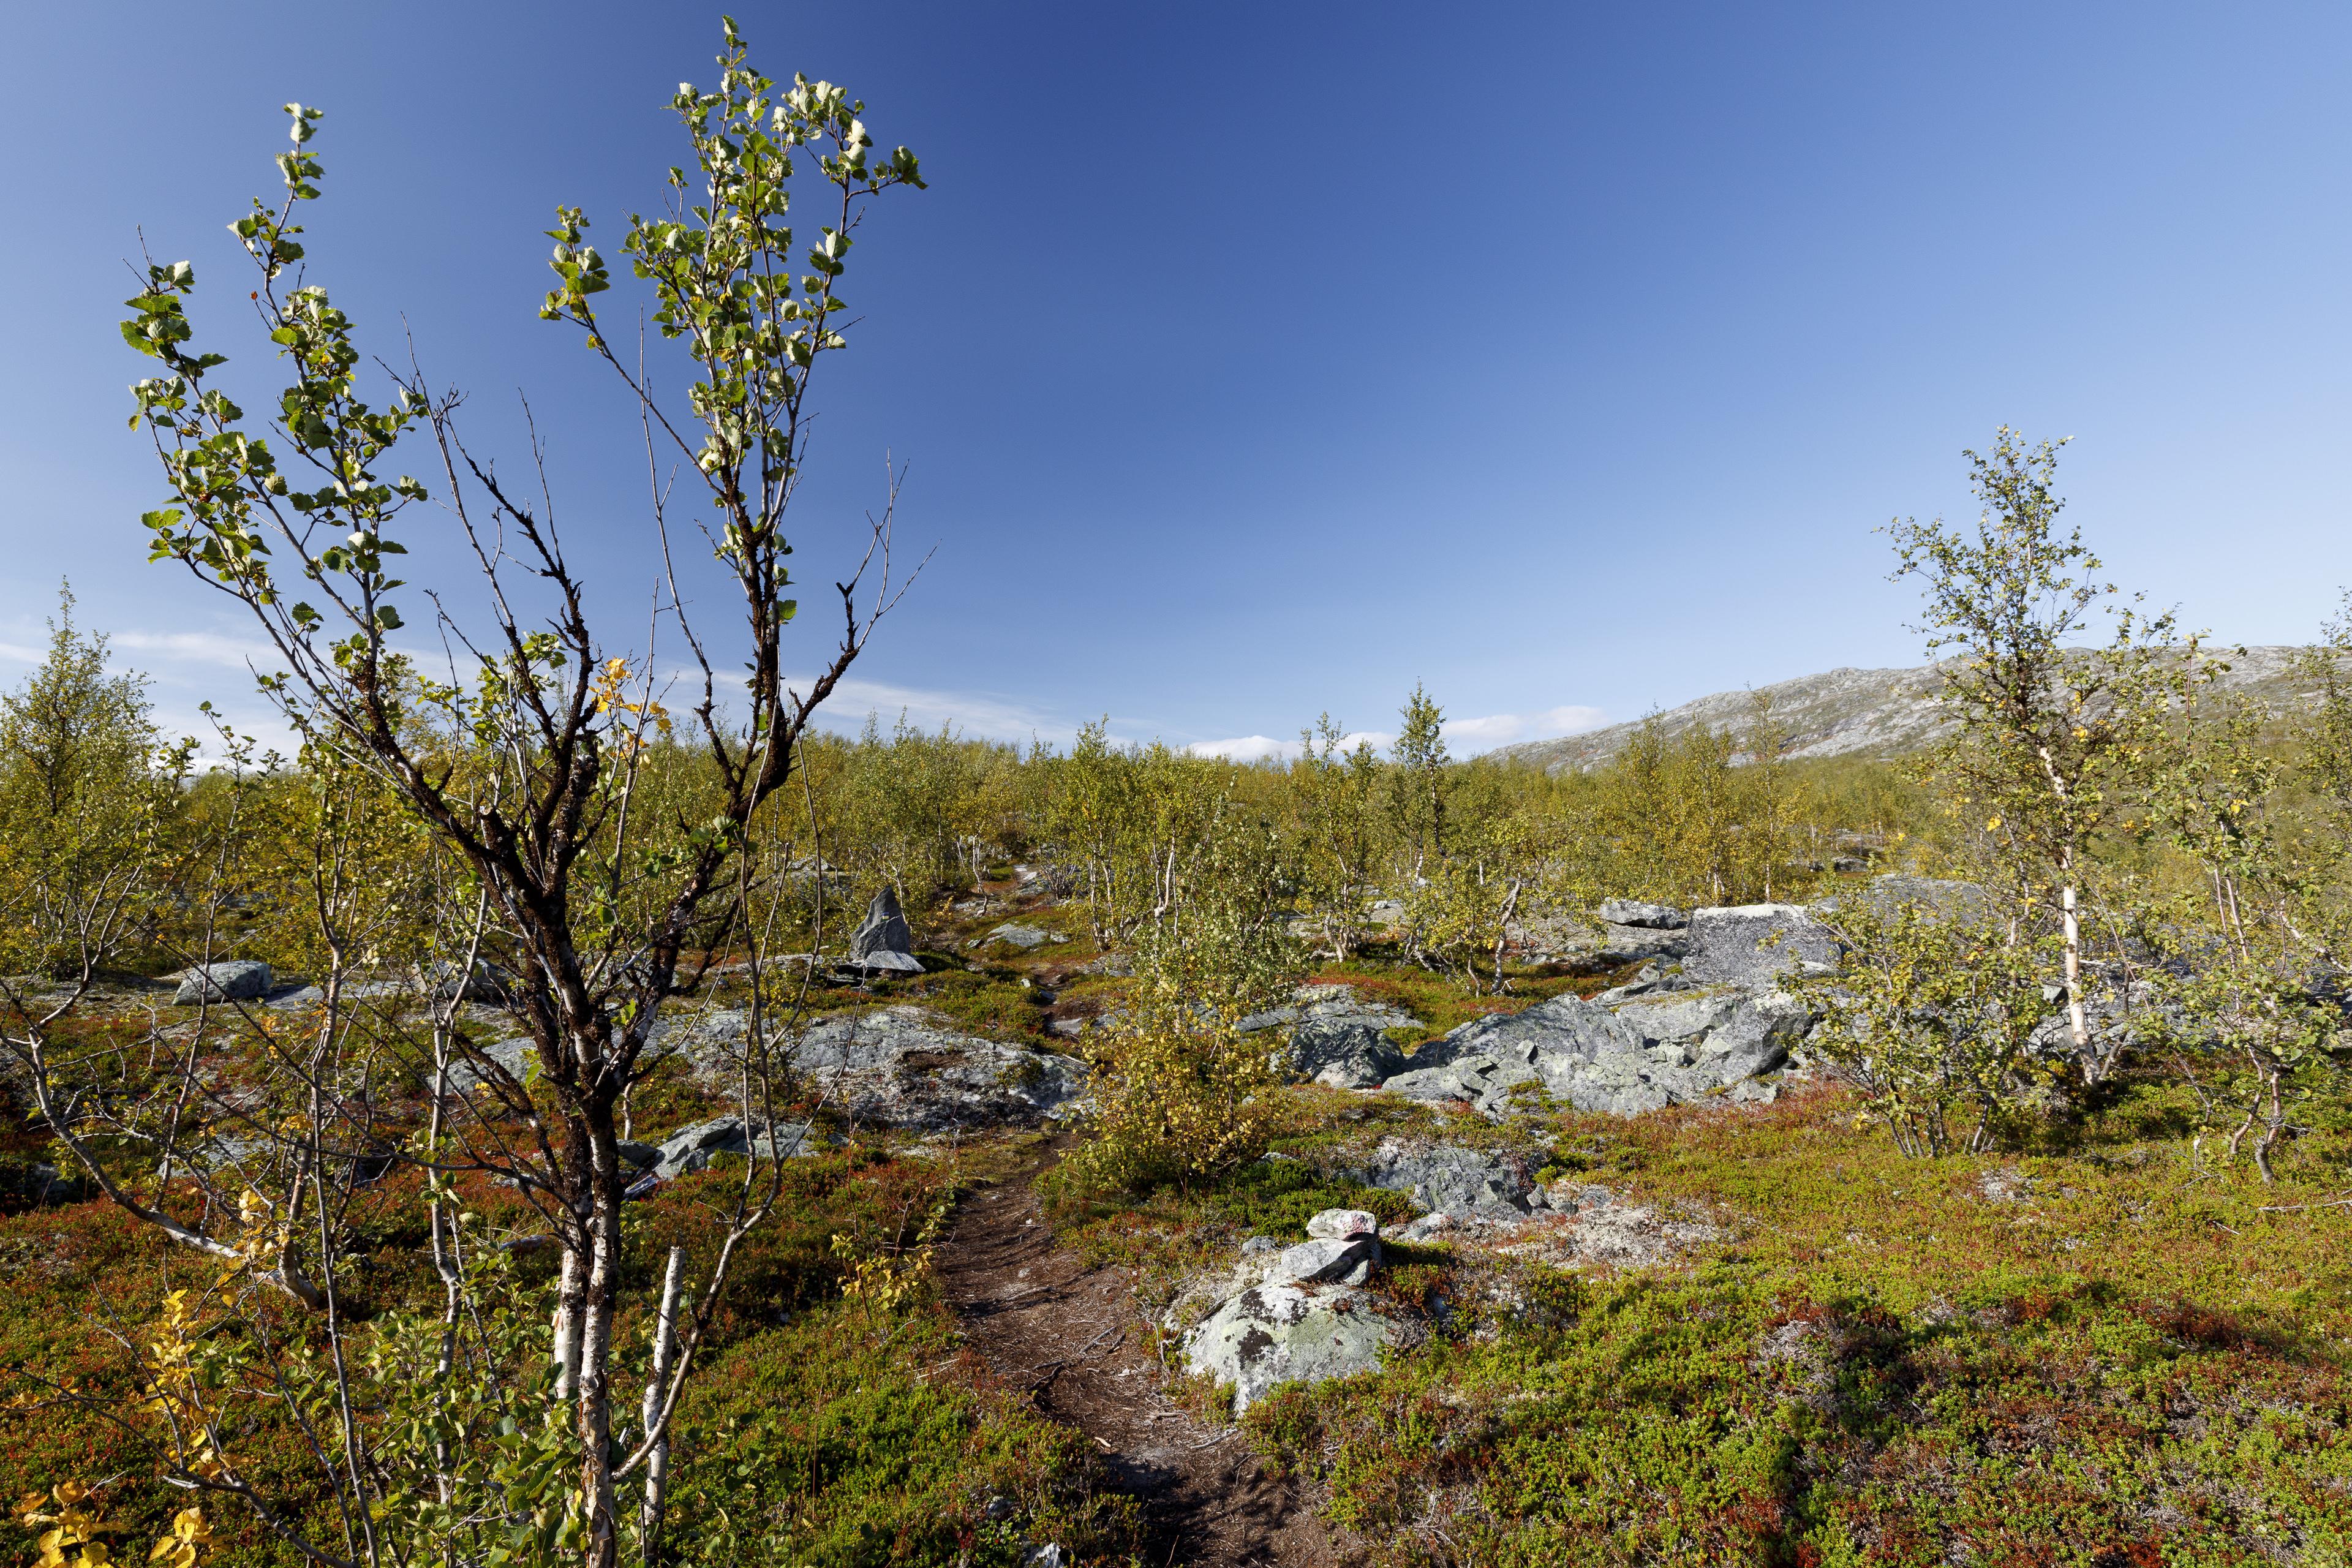 Lichter BIrkenwald oberhalb von Ritsem,©Markus Proske—Canon EOS 5D Mark IV, EF16-35mm f/4L IS USM, 20mm, 1/80s, Blende 11, ISO 250